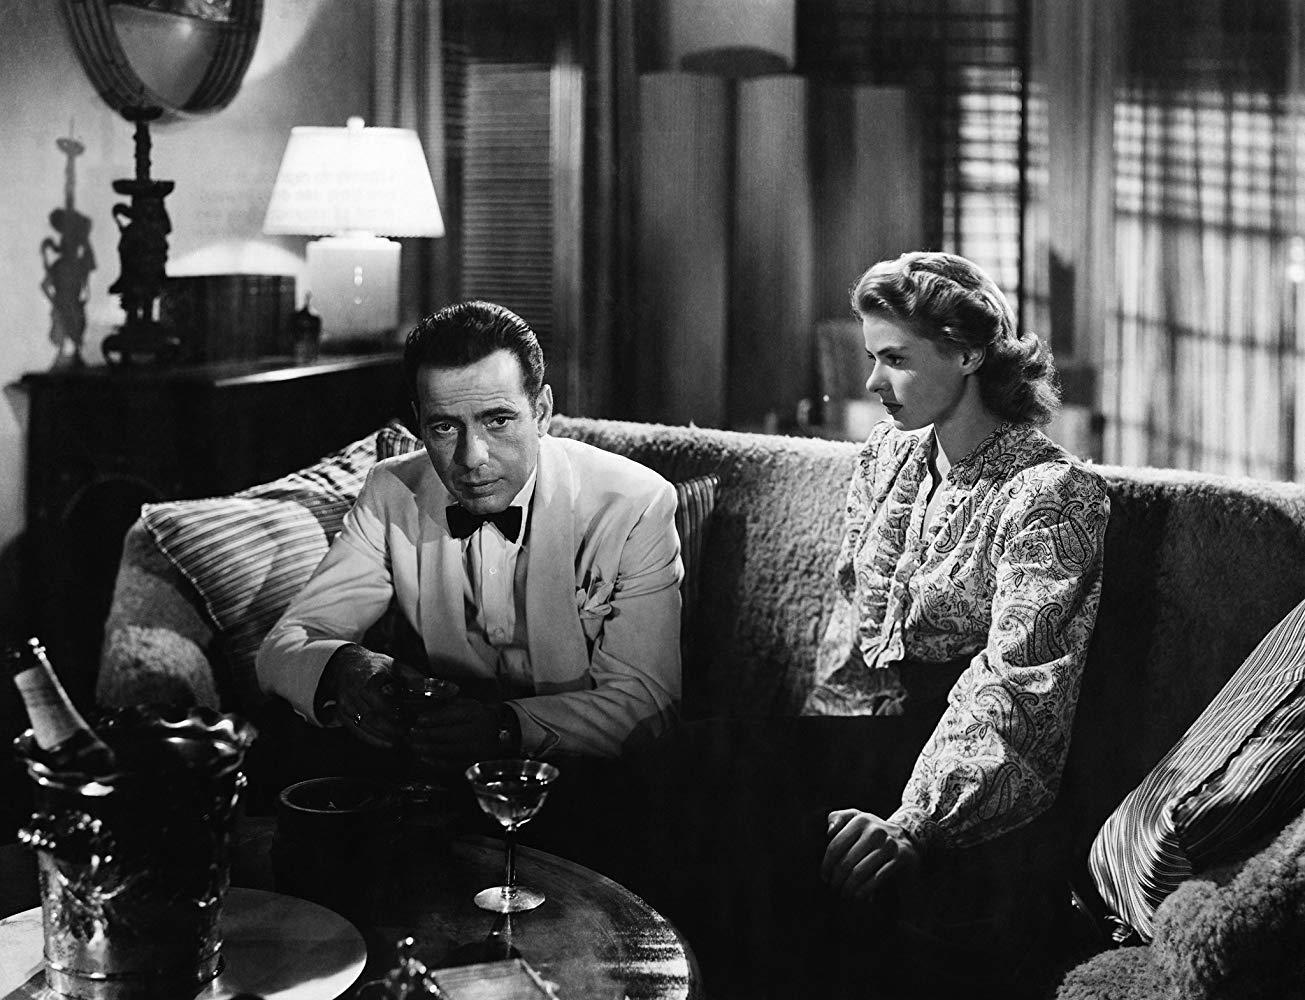 در ادامه این مطلب می خواهیم شما را با 10 فیلم سیاه و سفید کلاسیکی آشنا کنیم که تماشای آن ها برای دوستداران سینما یک ضرورت است.